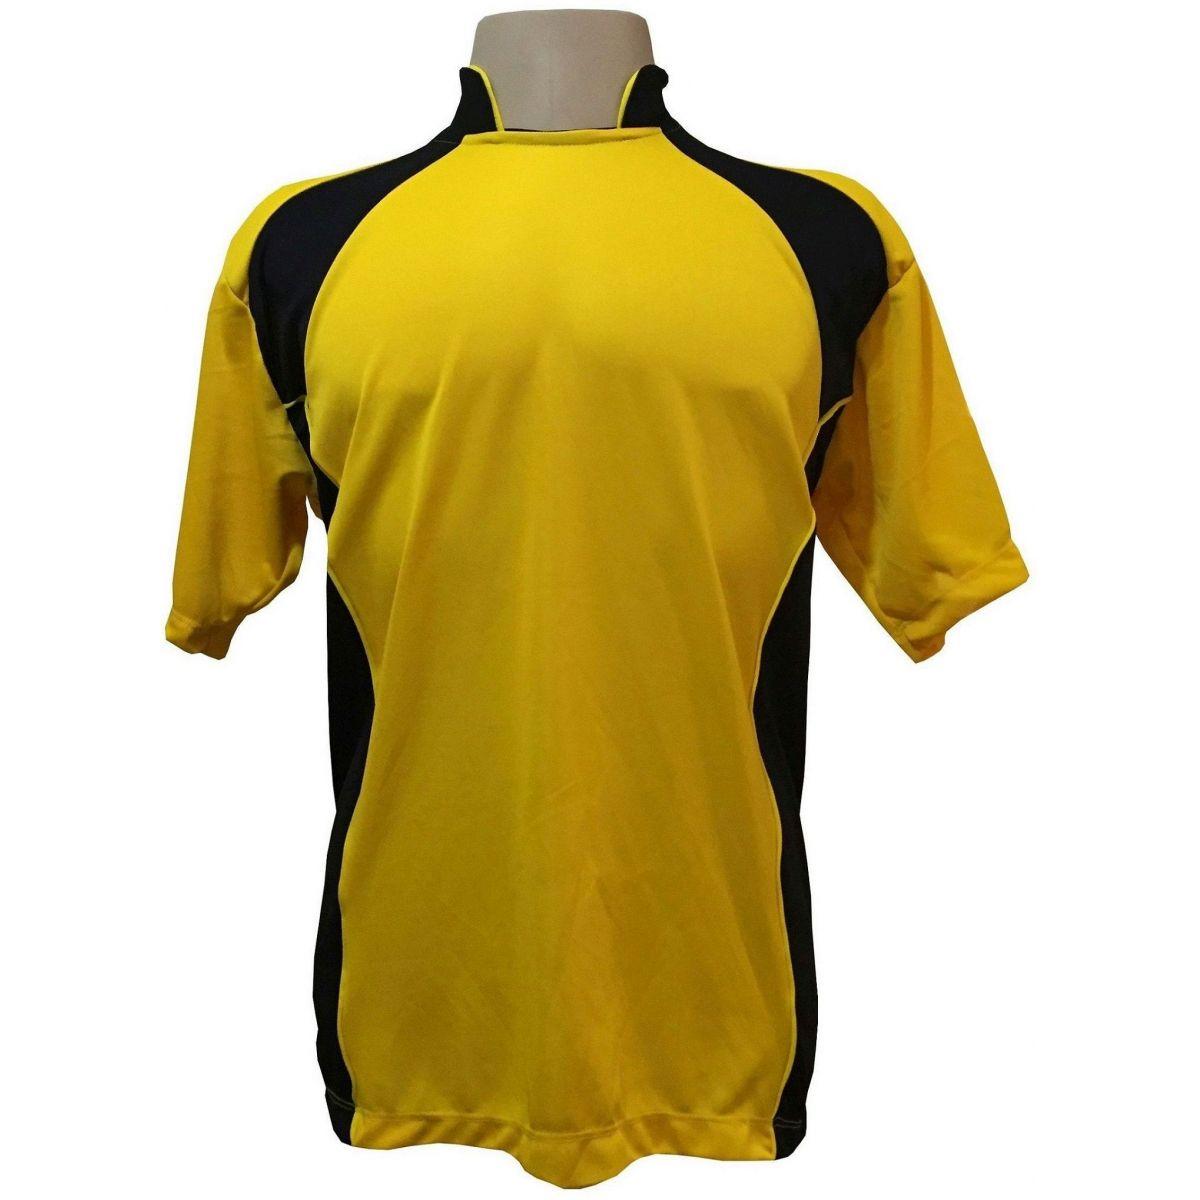 Uniforme Esportivo com 14 camisas modelo Suécia Amarelo/Preto + 14 calções modelo Madrid Preto + 14 pares de meiões Preto